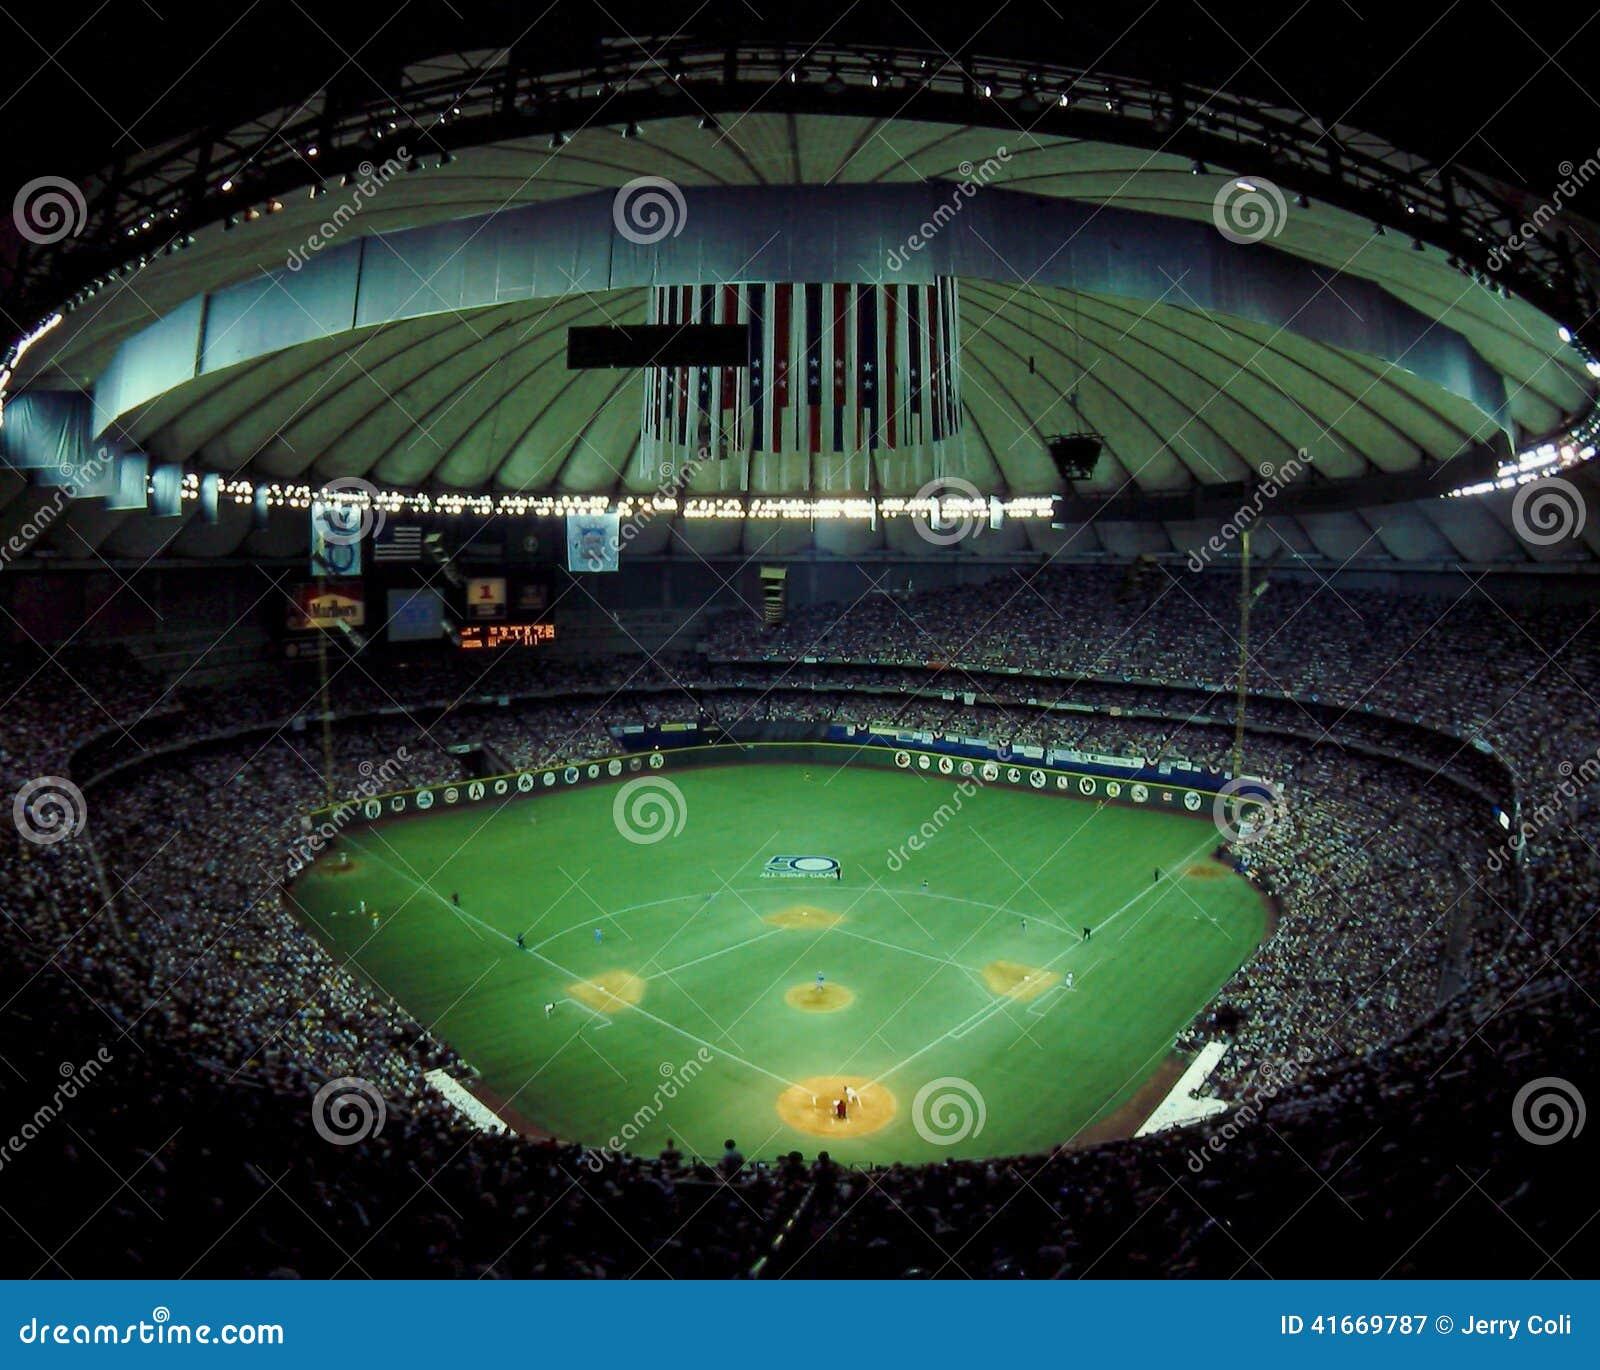 Safeco Field All-Star Softball Classic | MLB.com